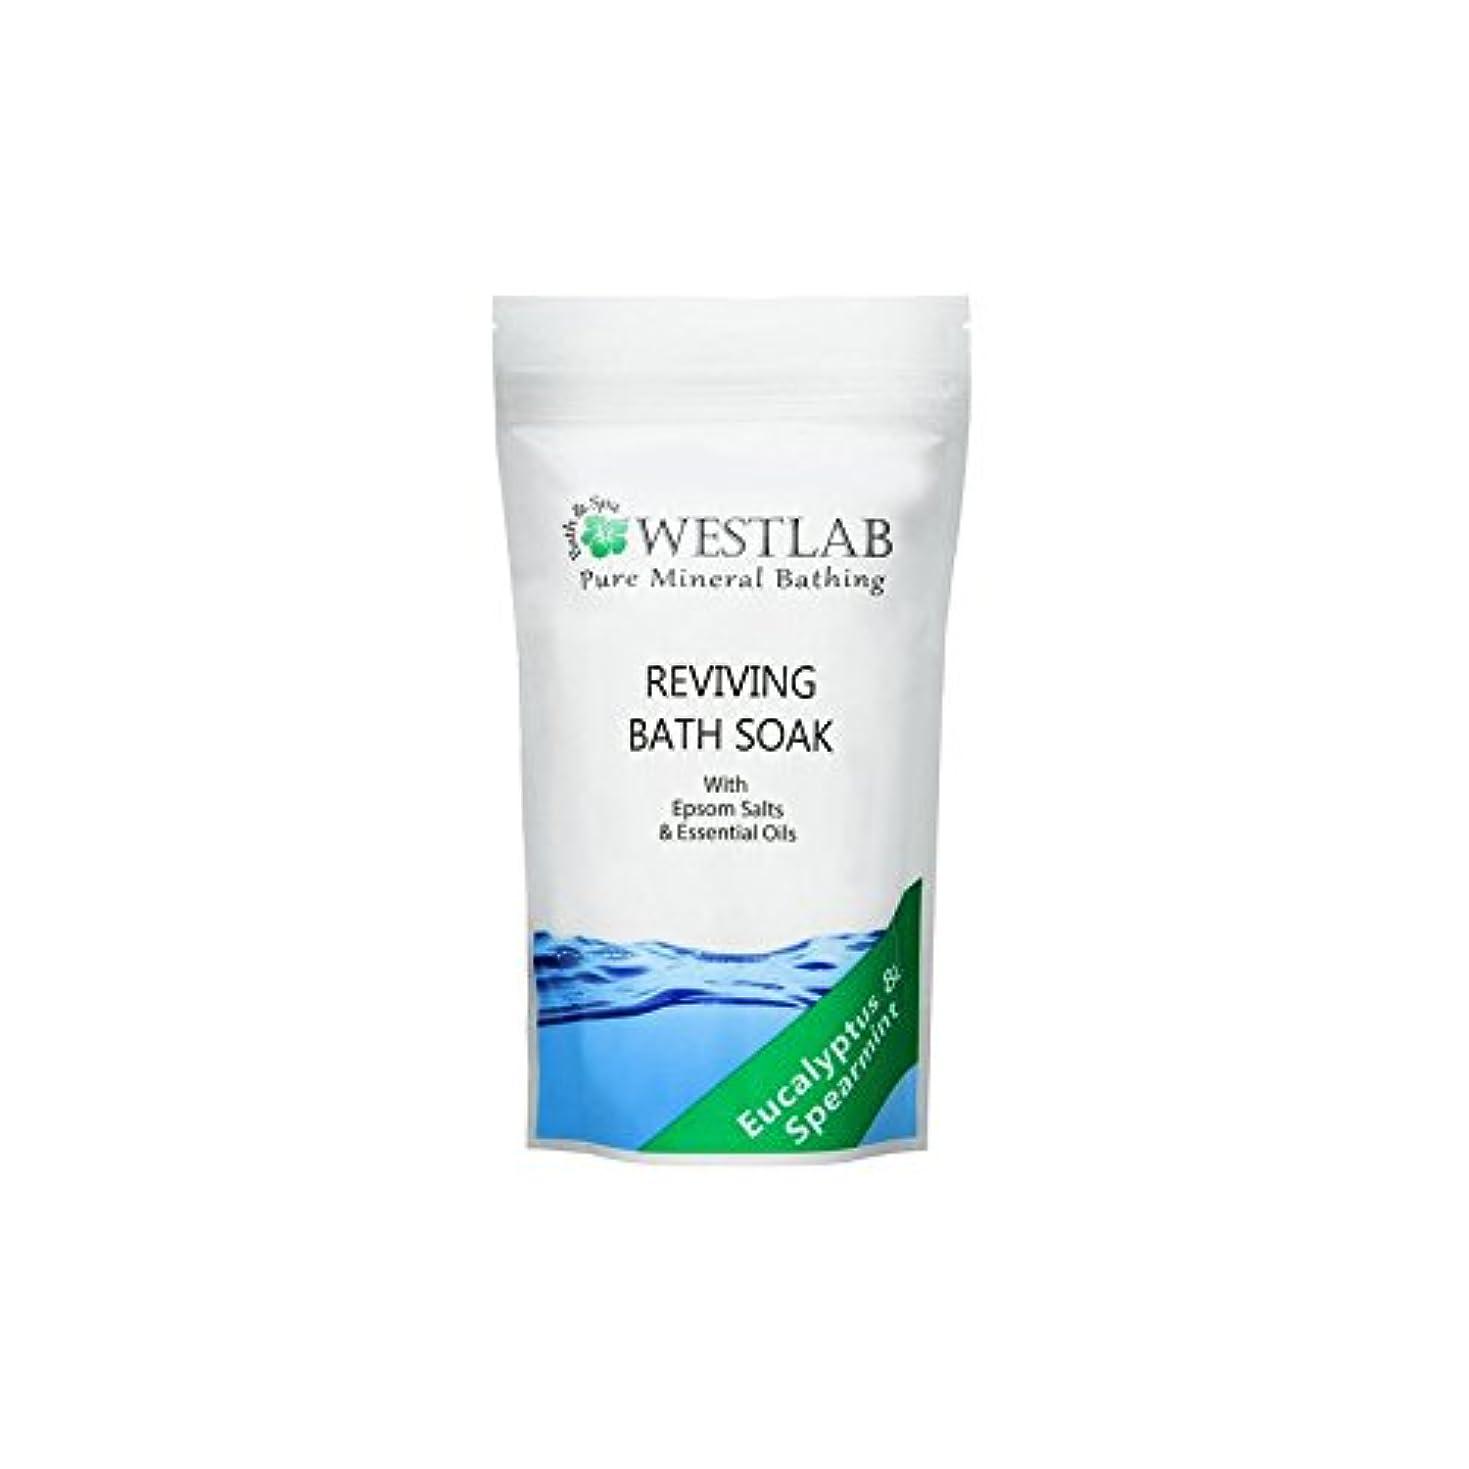 形容詞ガロン本気Westlab Revive Epsom Salt Bath Soak (500g) - (500グラム)をソークエプソム塩浴を復活させます [並行輸入品]